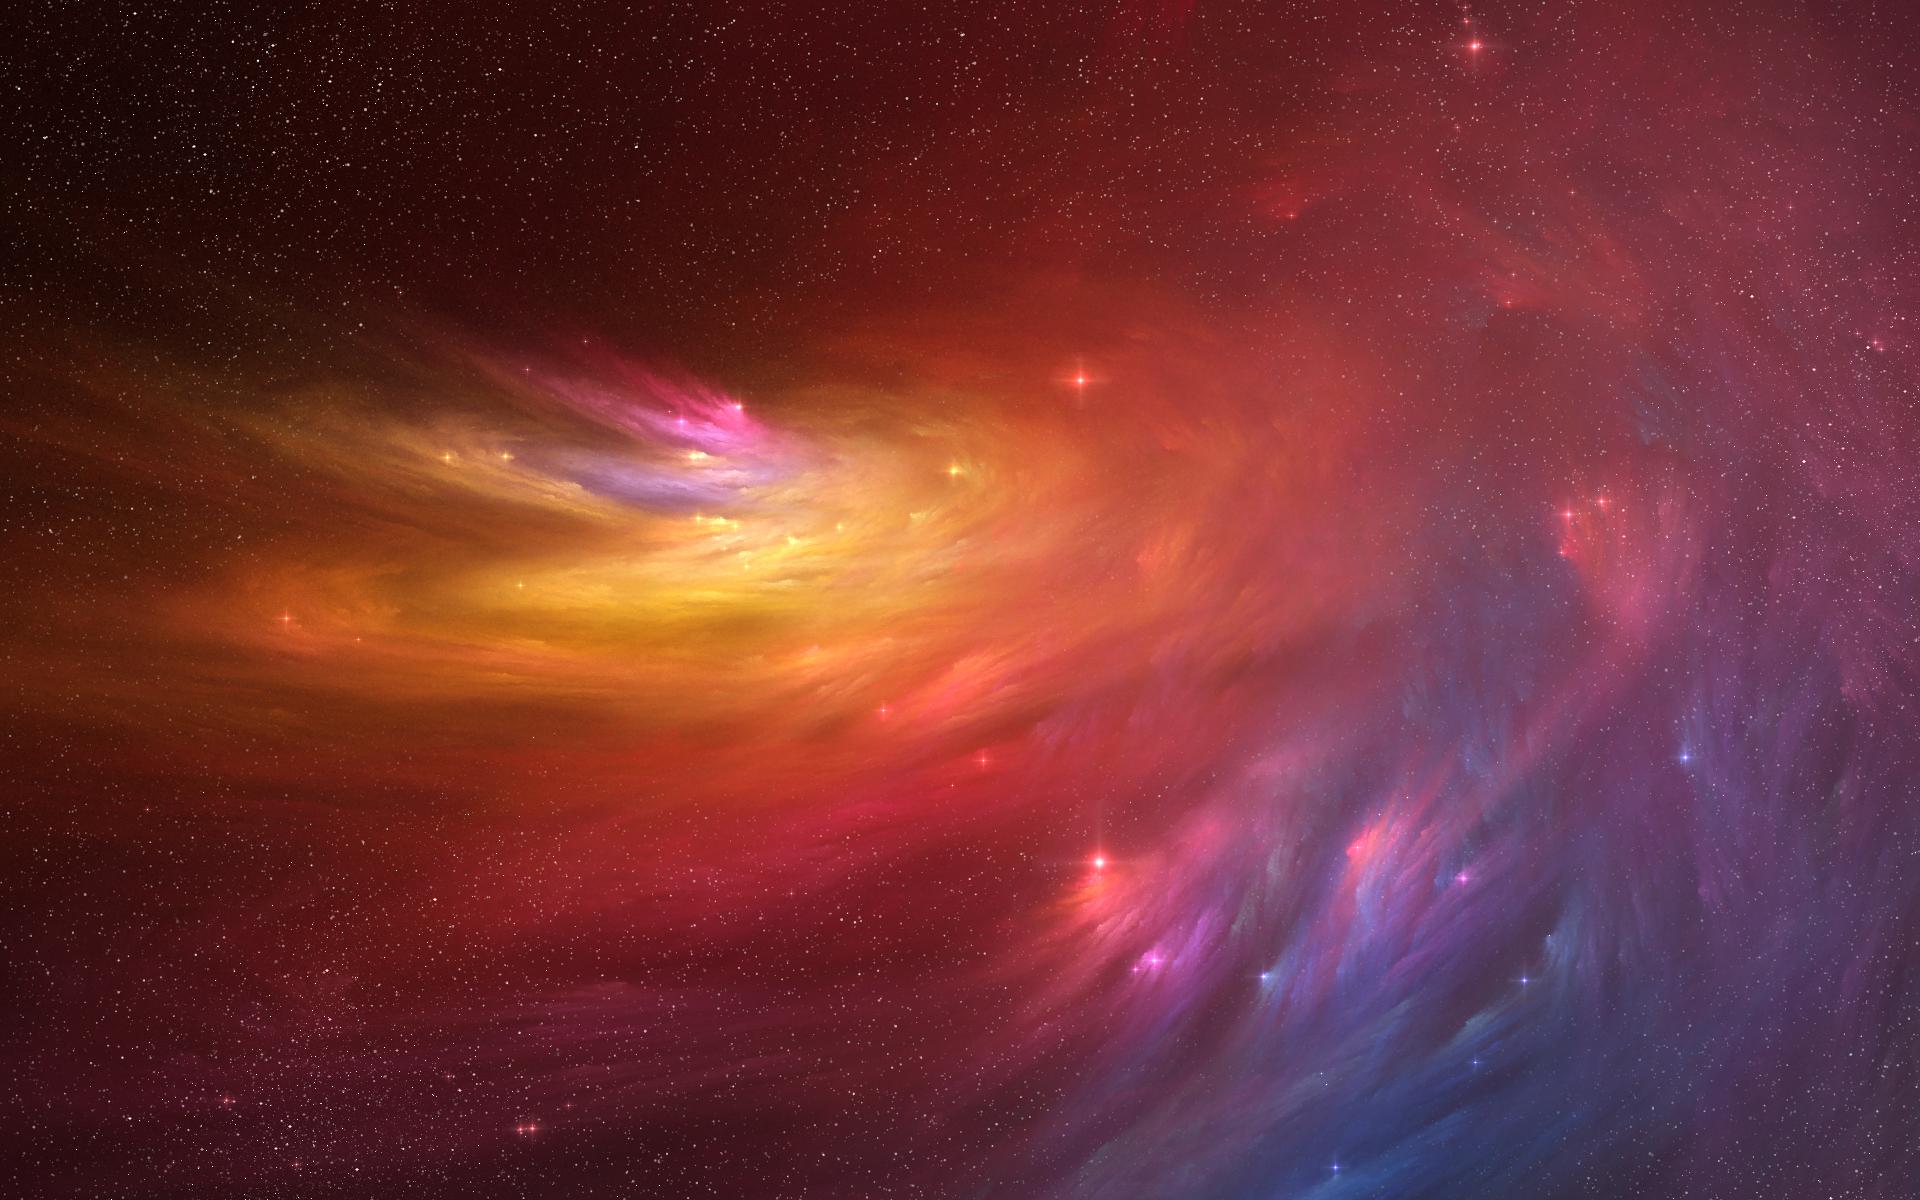 Espacio exterior - 1920x1200